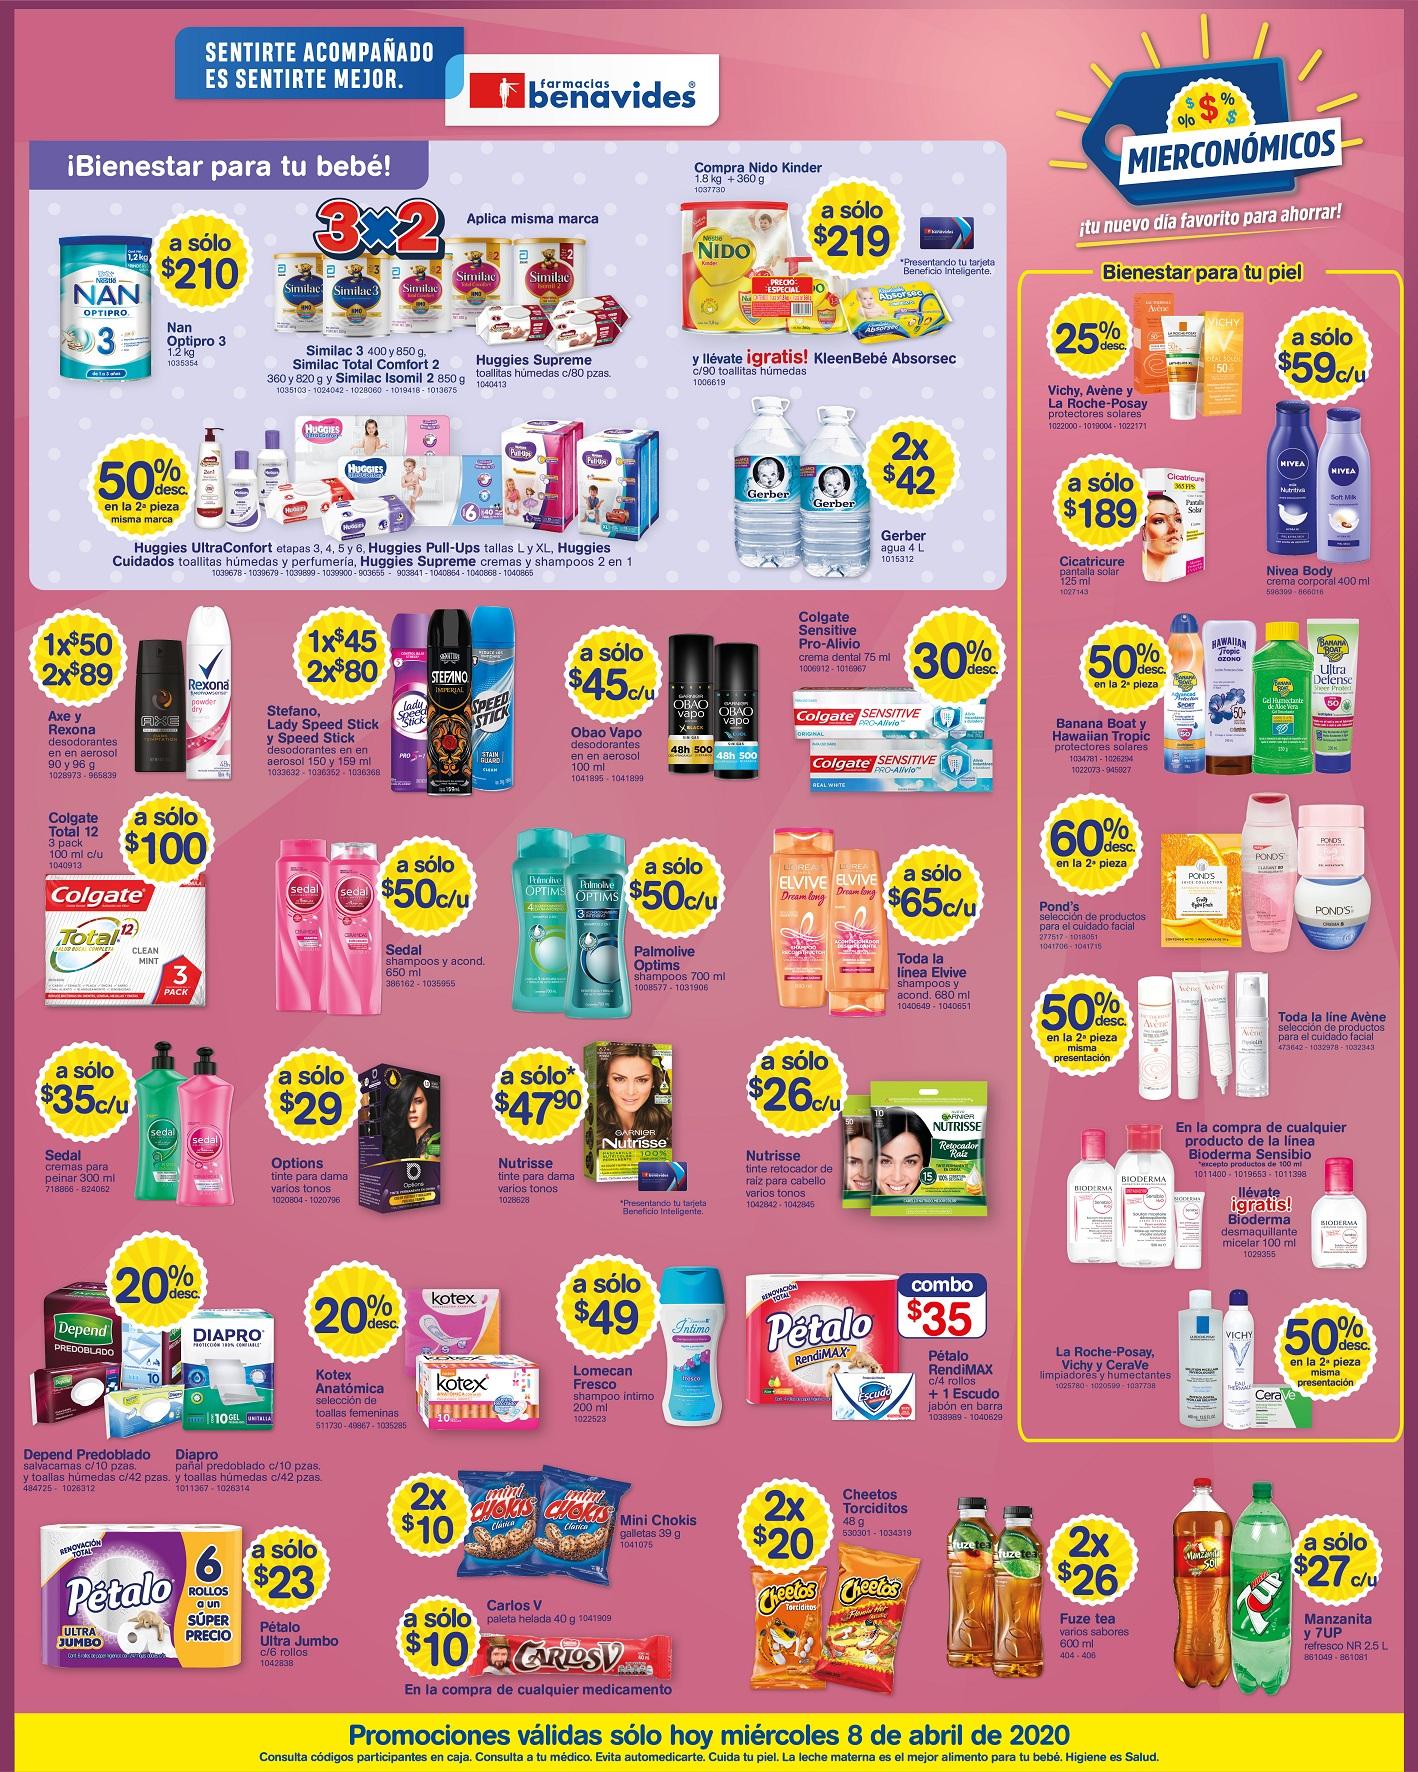 Farmacias Benavides: Mierconómicos 8 de Abril